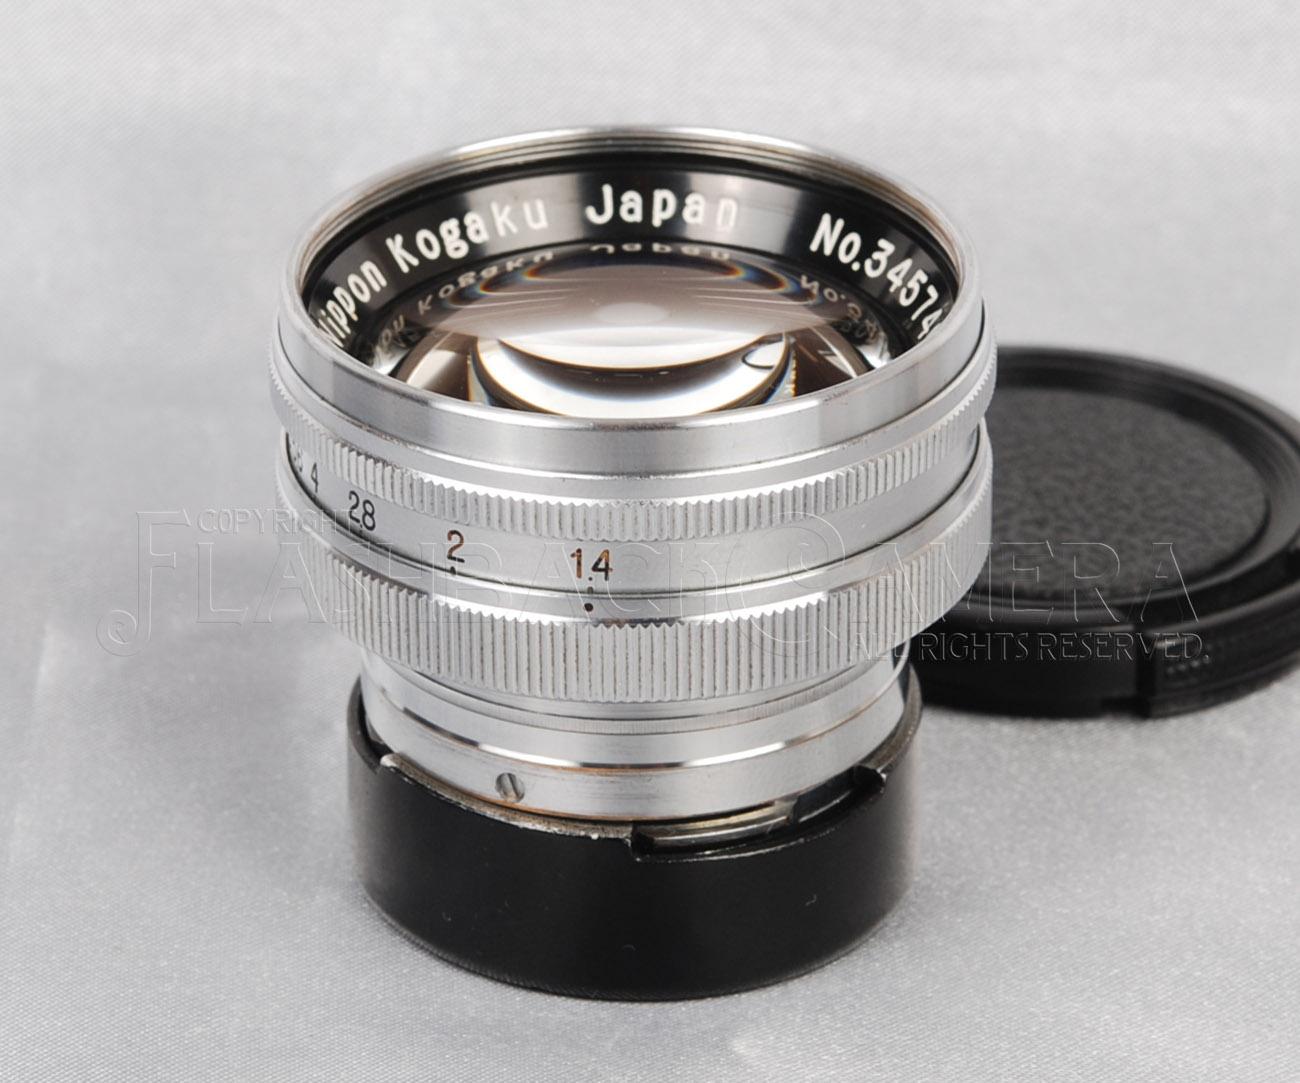 Nikkor 50mm f1.4 (S)